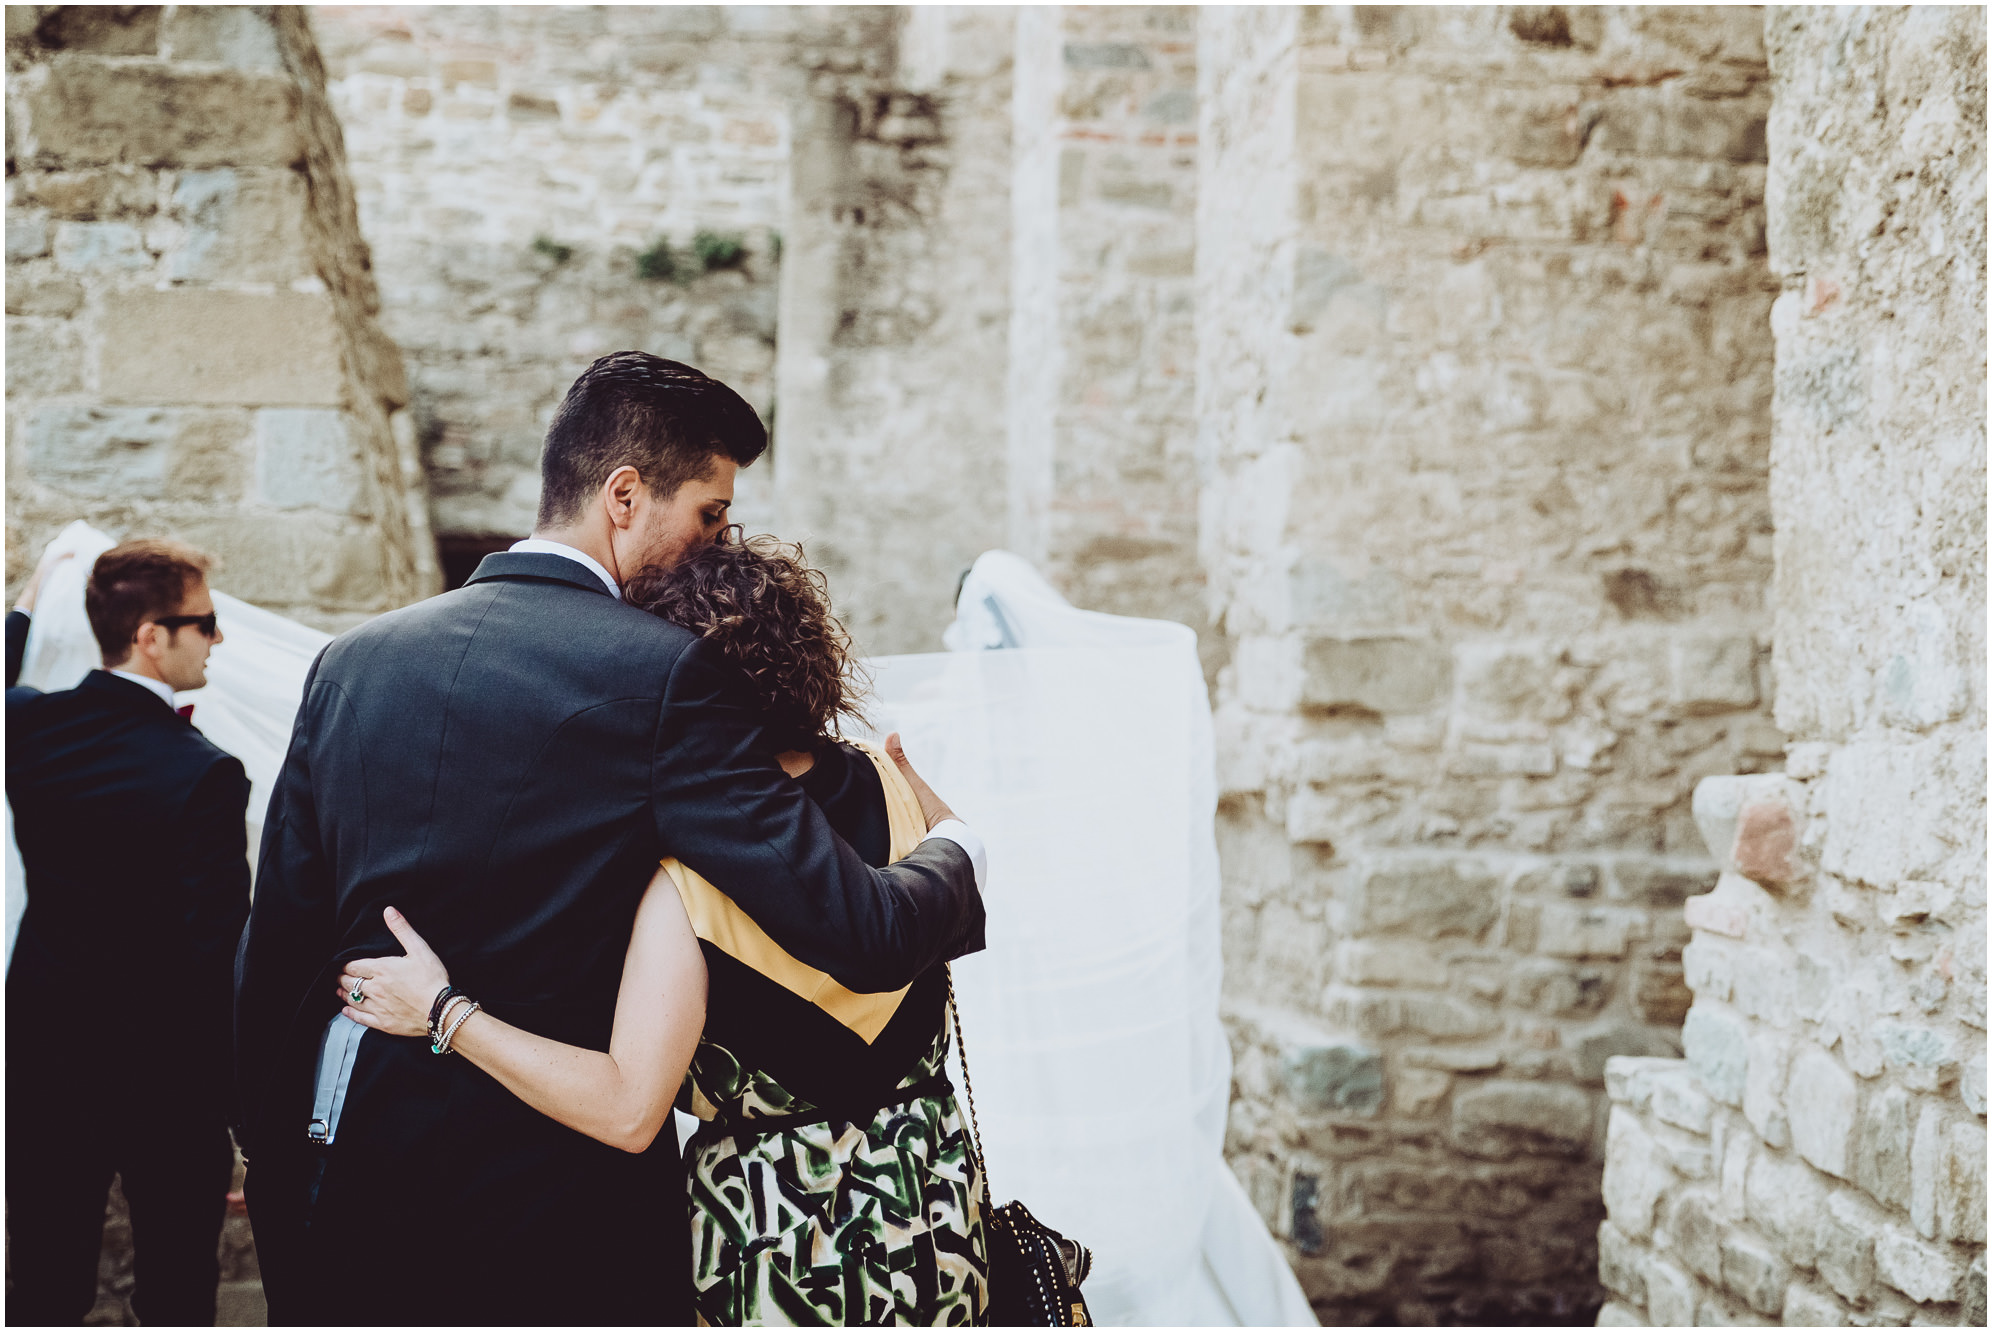 WEDDING-PHOTOGRAPHY-SARA-LORENZONI-FOTOGRAFIA-MATRIMONIO-AREZZO-TUSCANY-EVENTO-LE-SPOSE-DI-GIANNI-ELISA-LUCA040